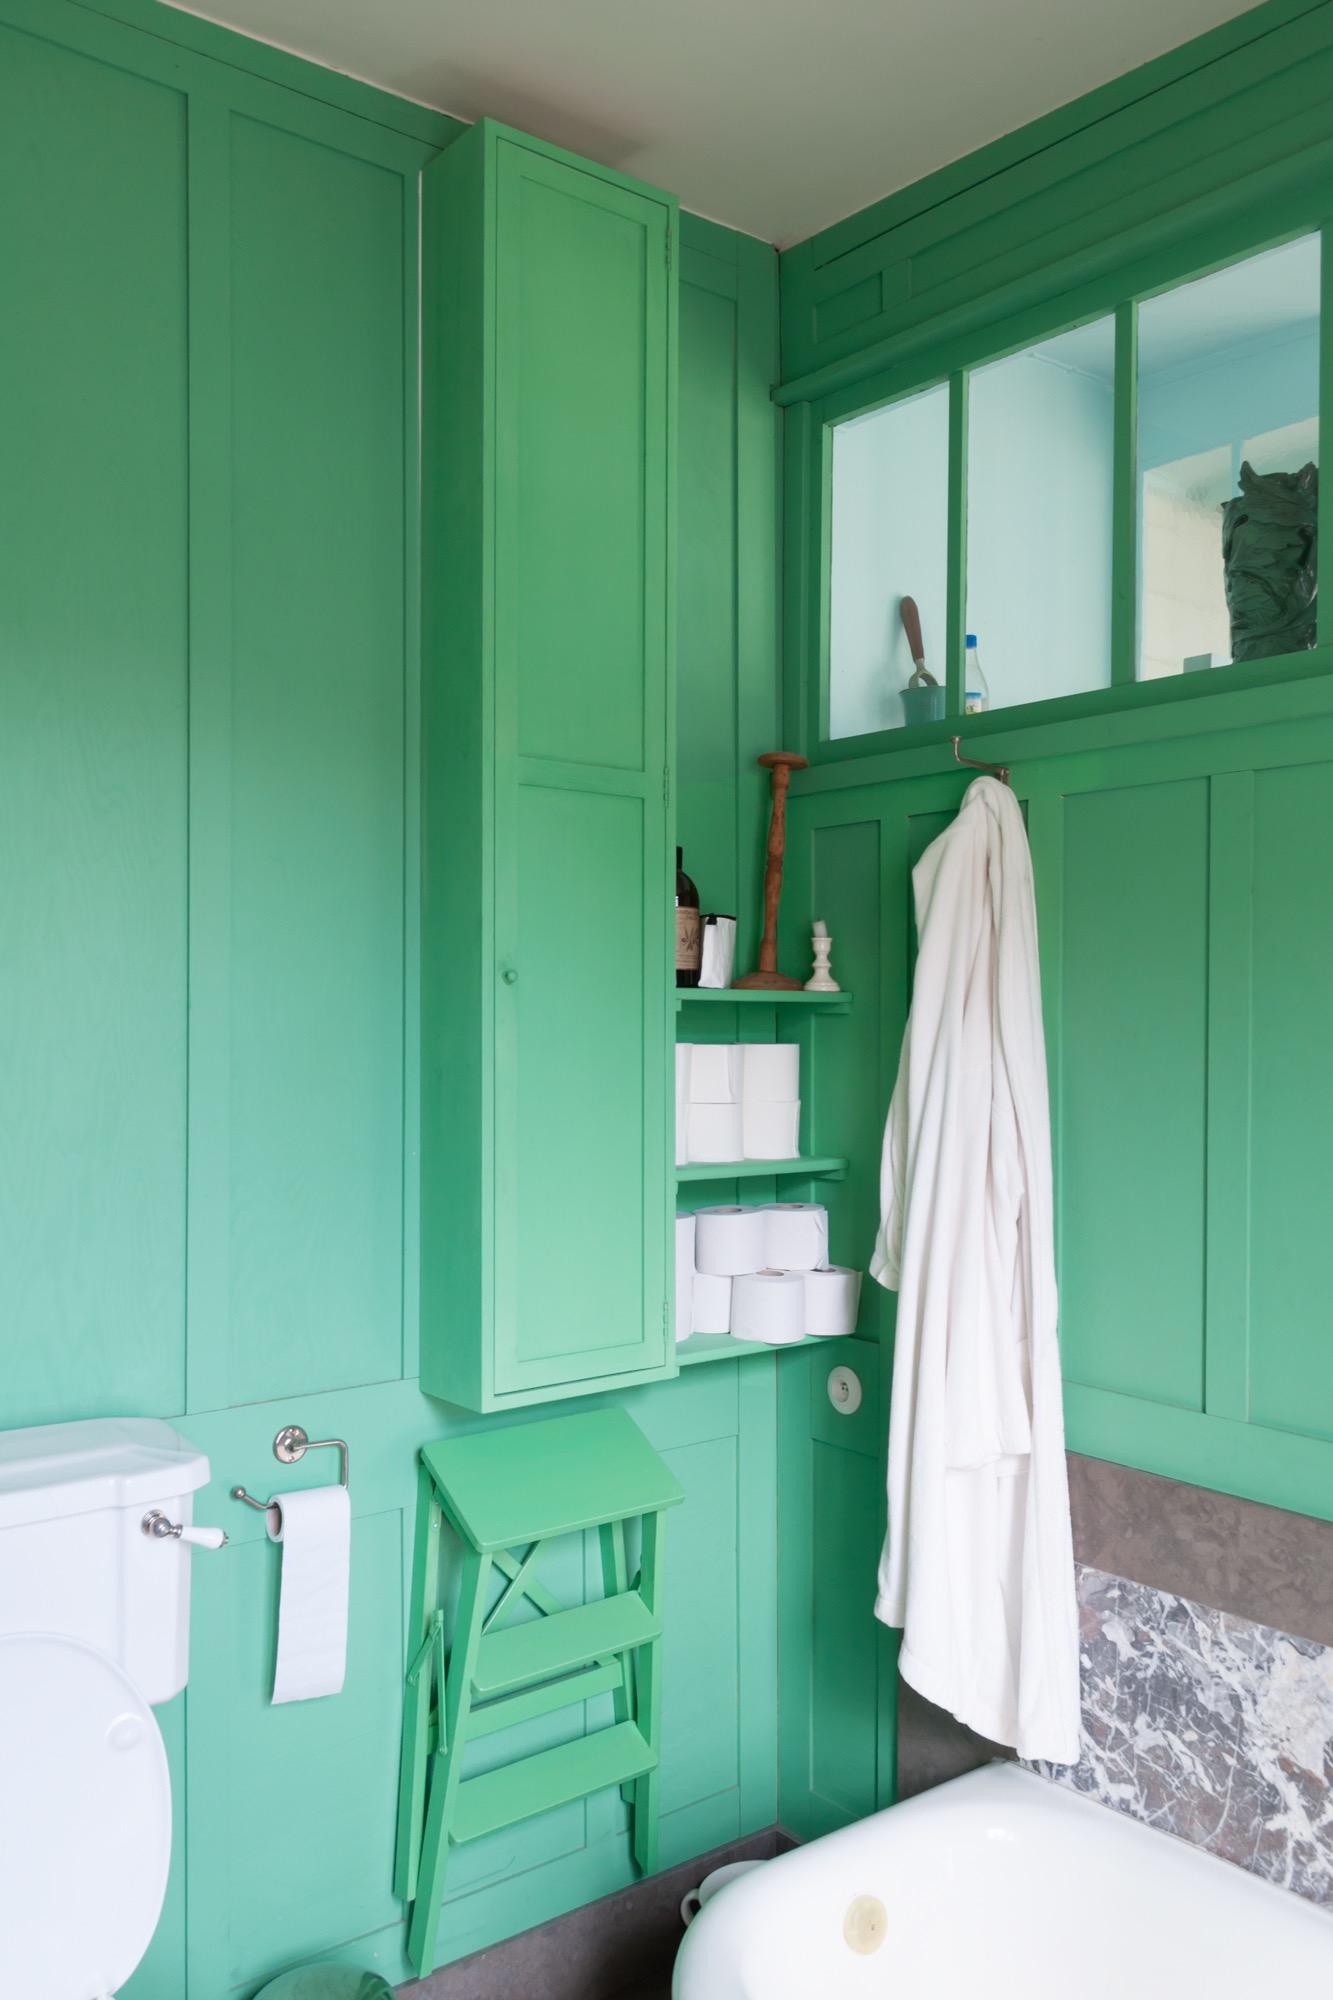 badkamer_hoek.jpg